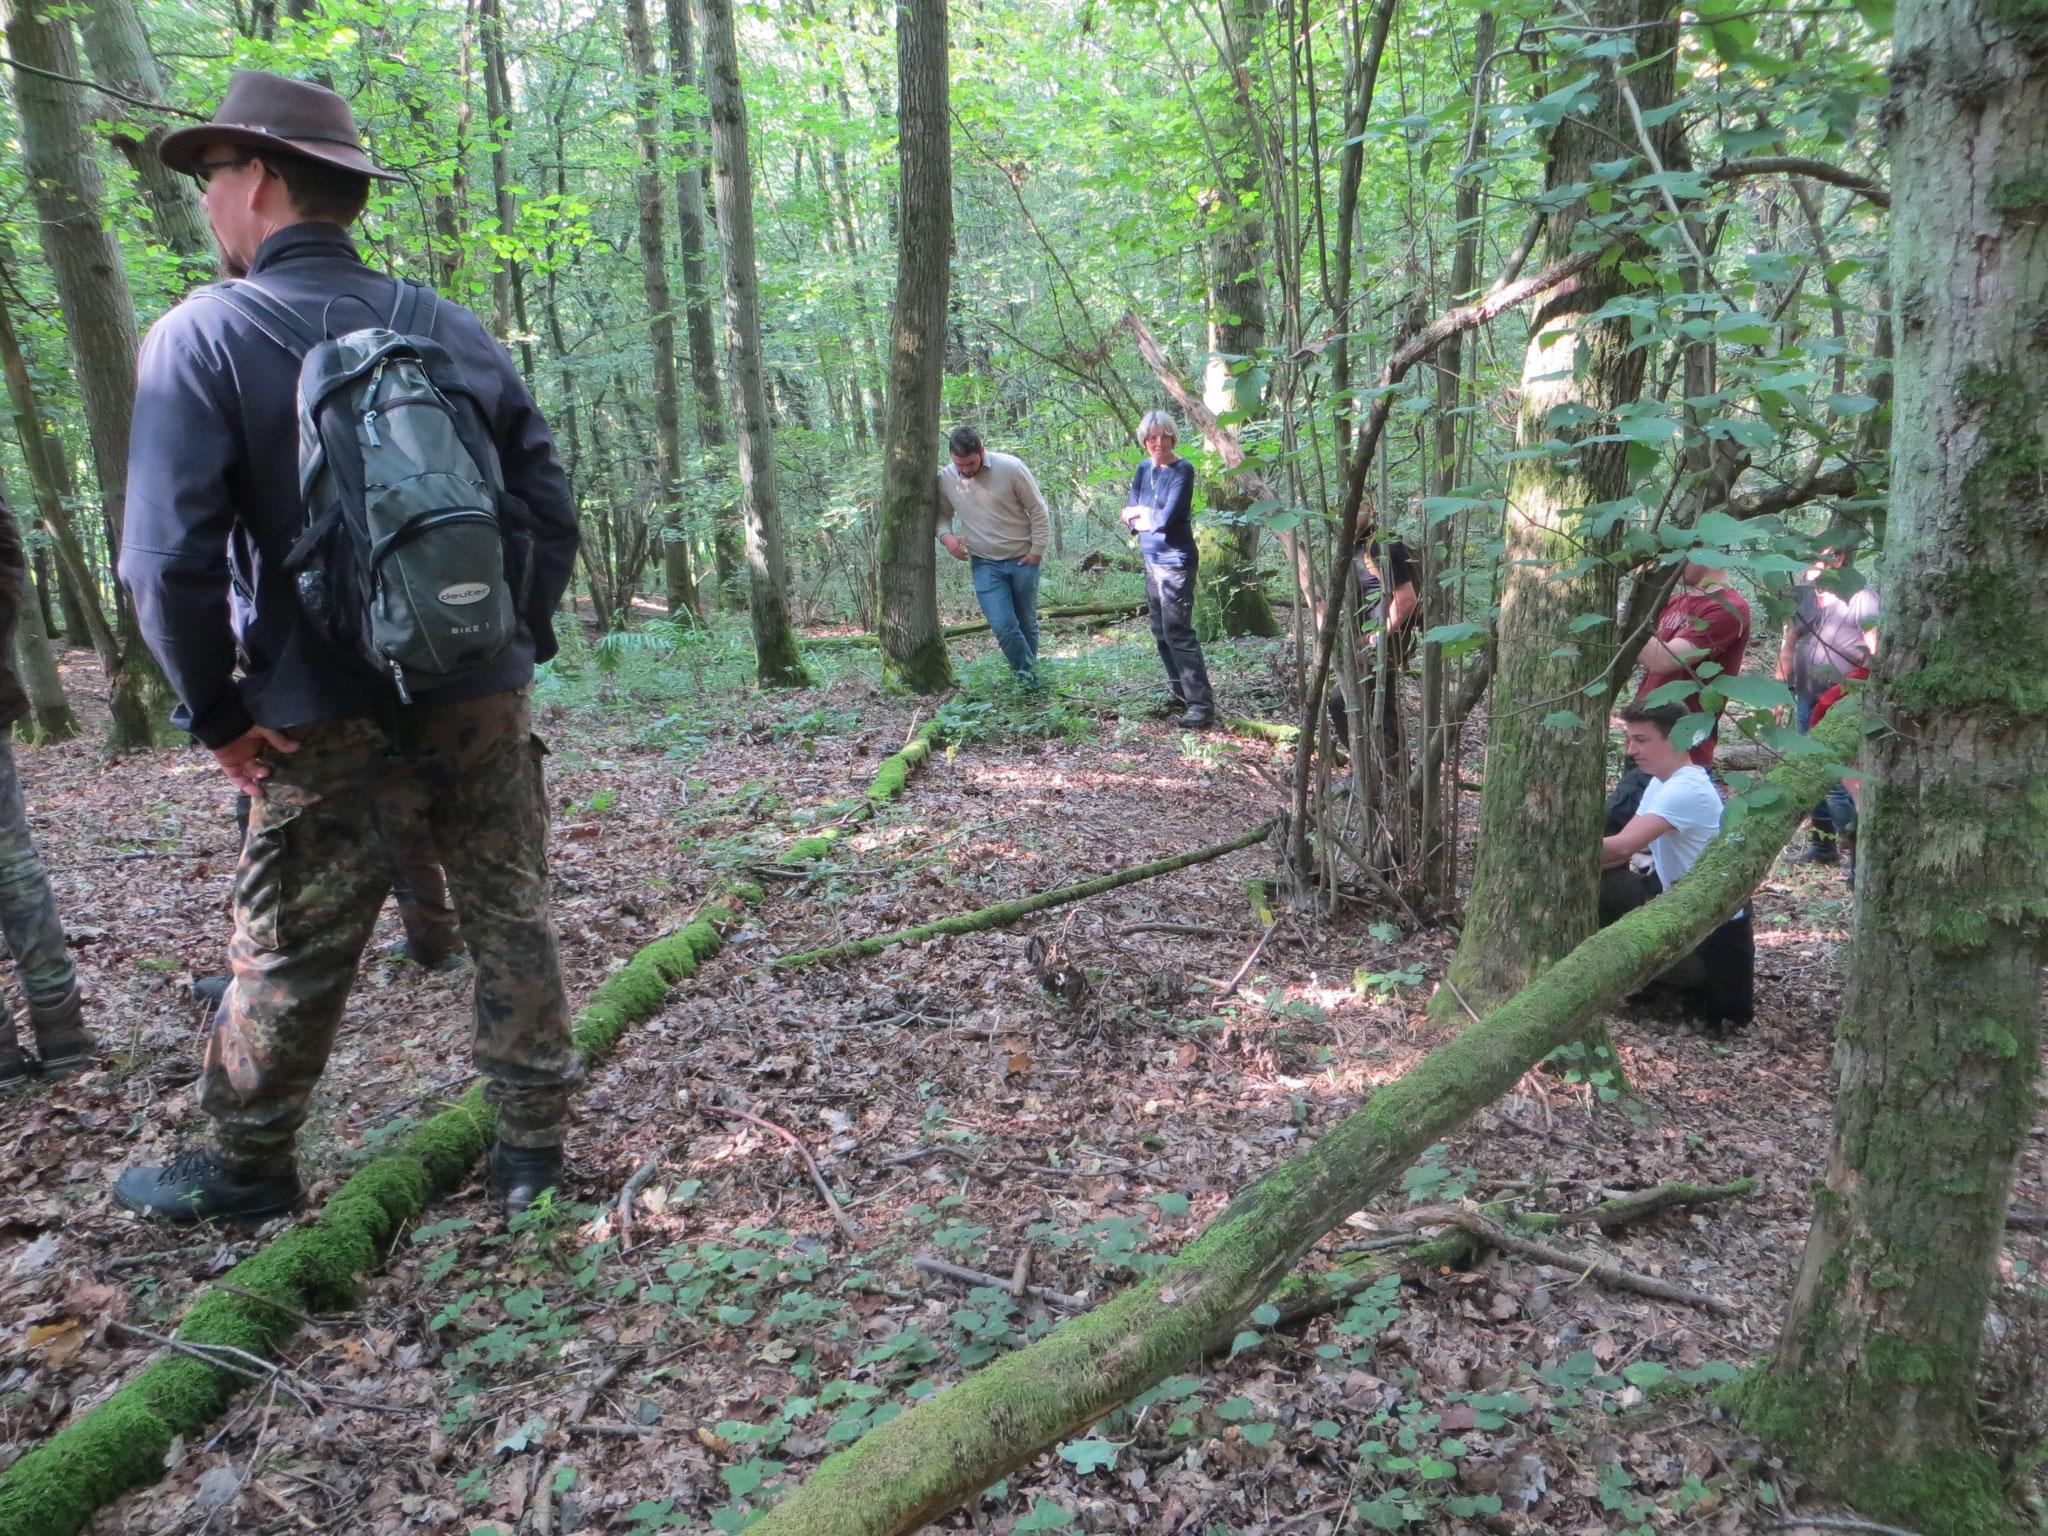 Die Jungjägeranwärter haben sich im Wald versteckt, um den Hund nicht zu irritieren.